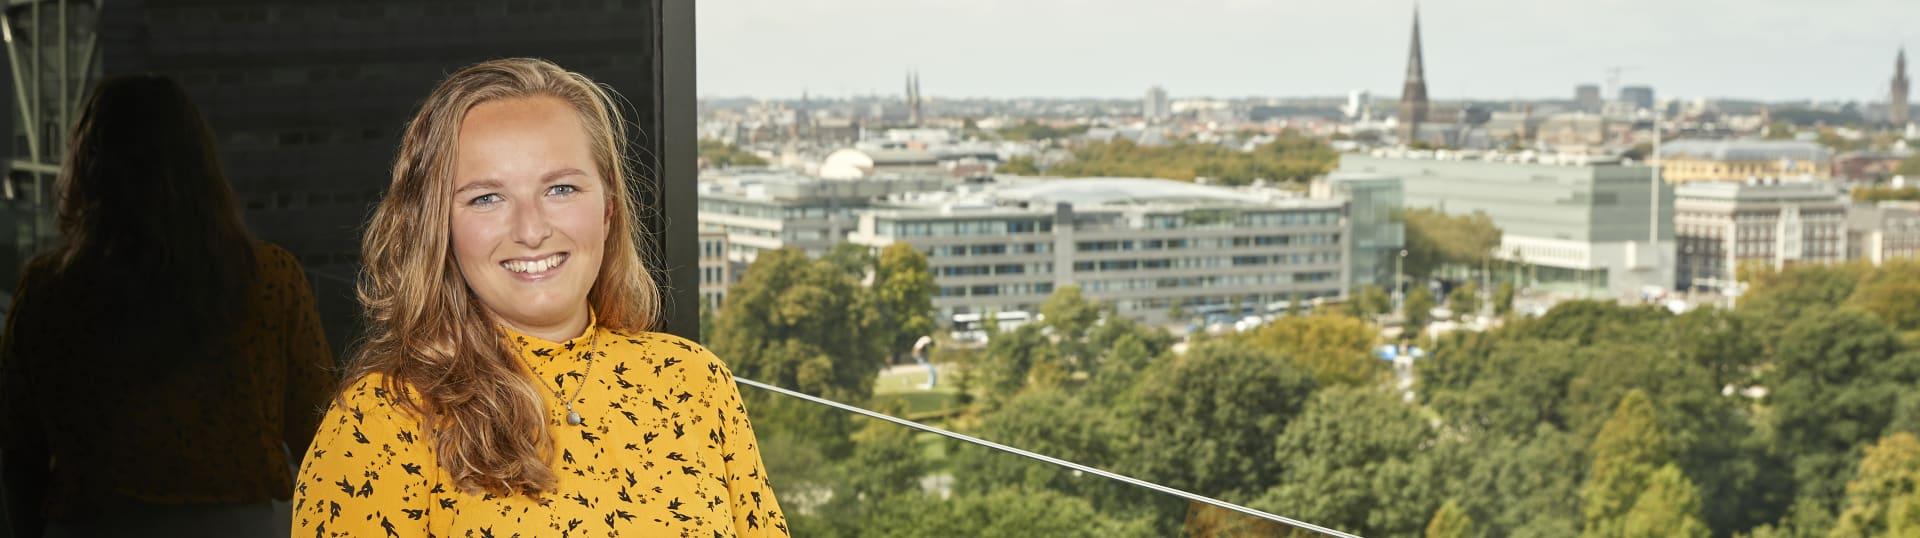 Annemarie Hijmans van den Bergh, advocaat Pels Rijcken